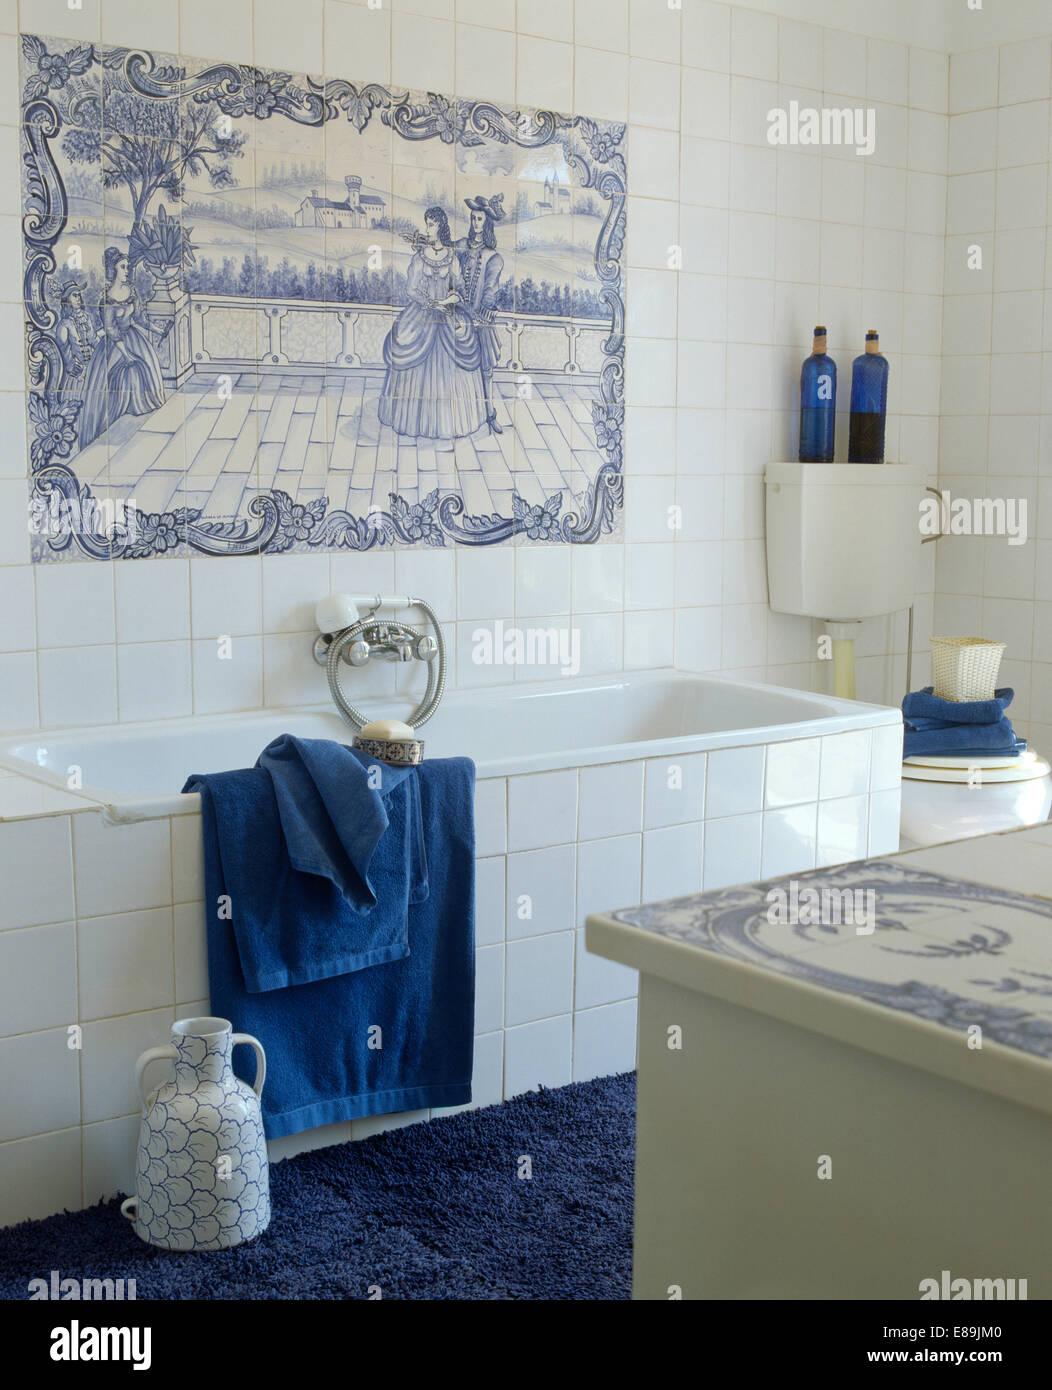 Salle de bains avec côtières carrelage blanc +bleu fresque sur mur